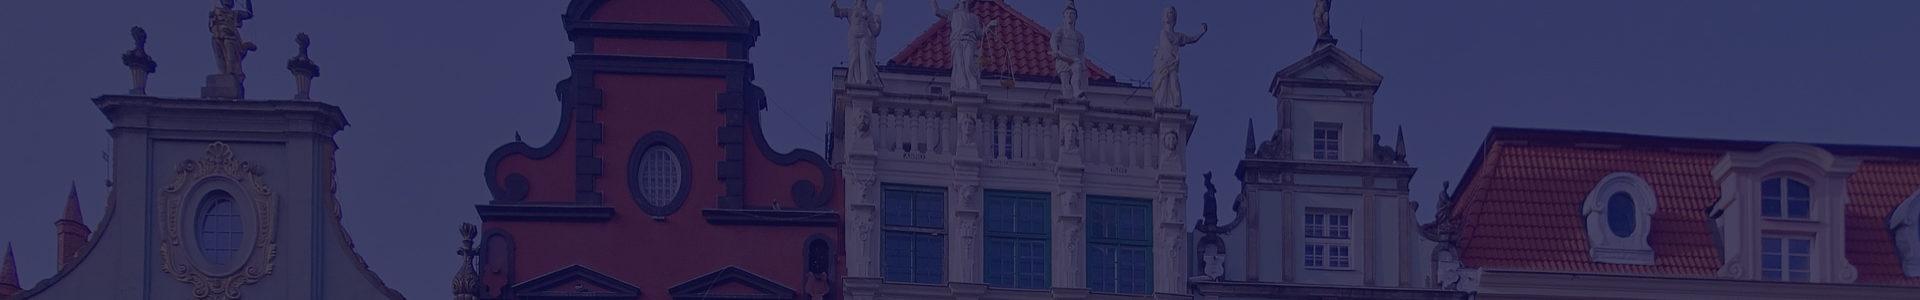 Szyld, kasetony, Reklama Gdańsk